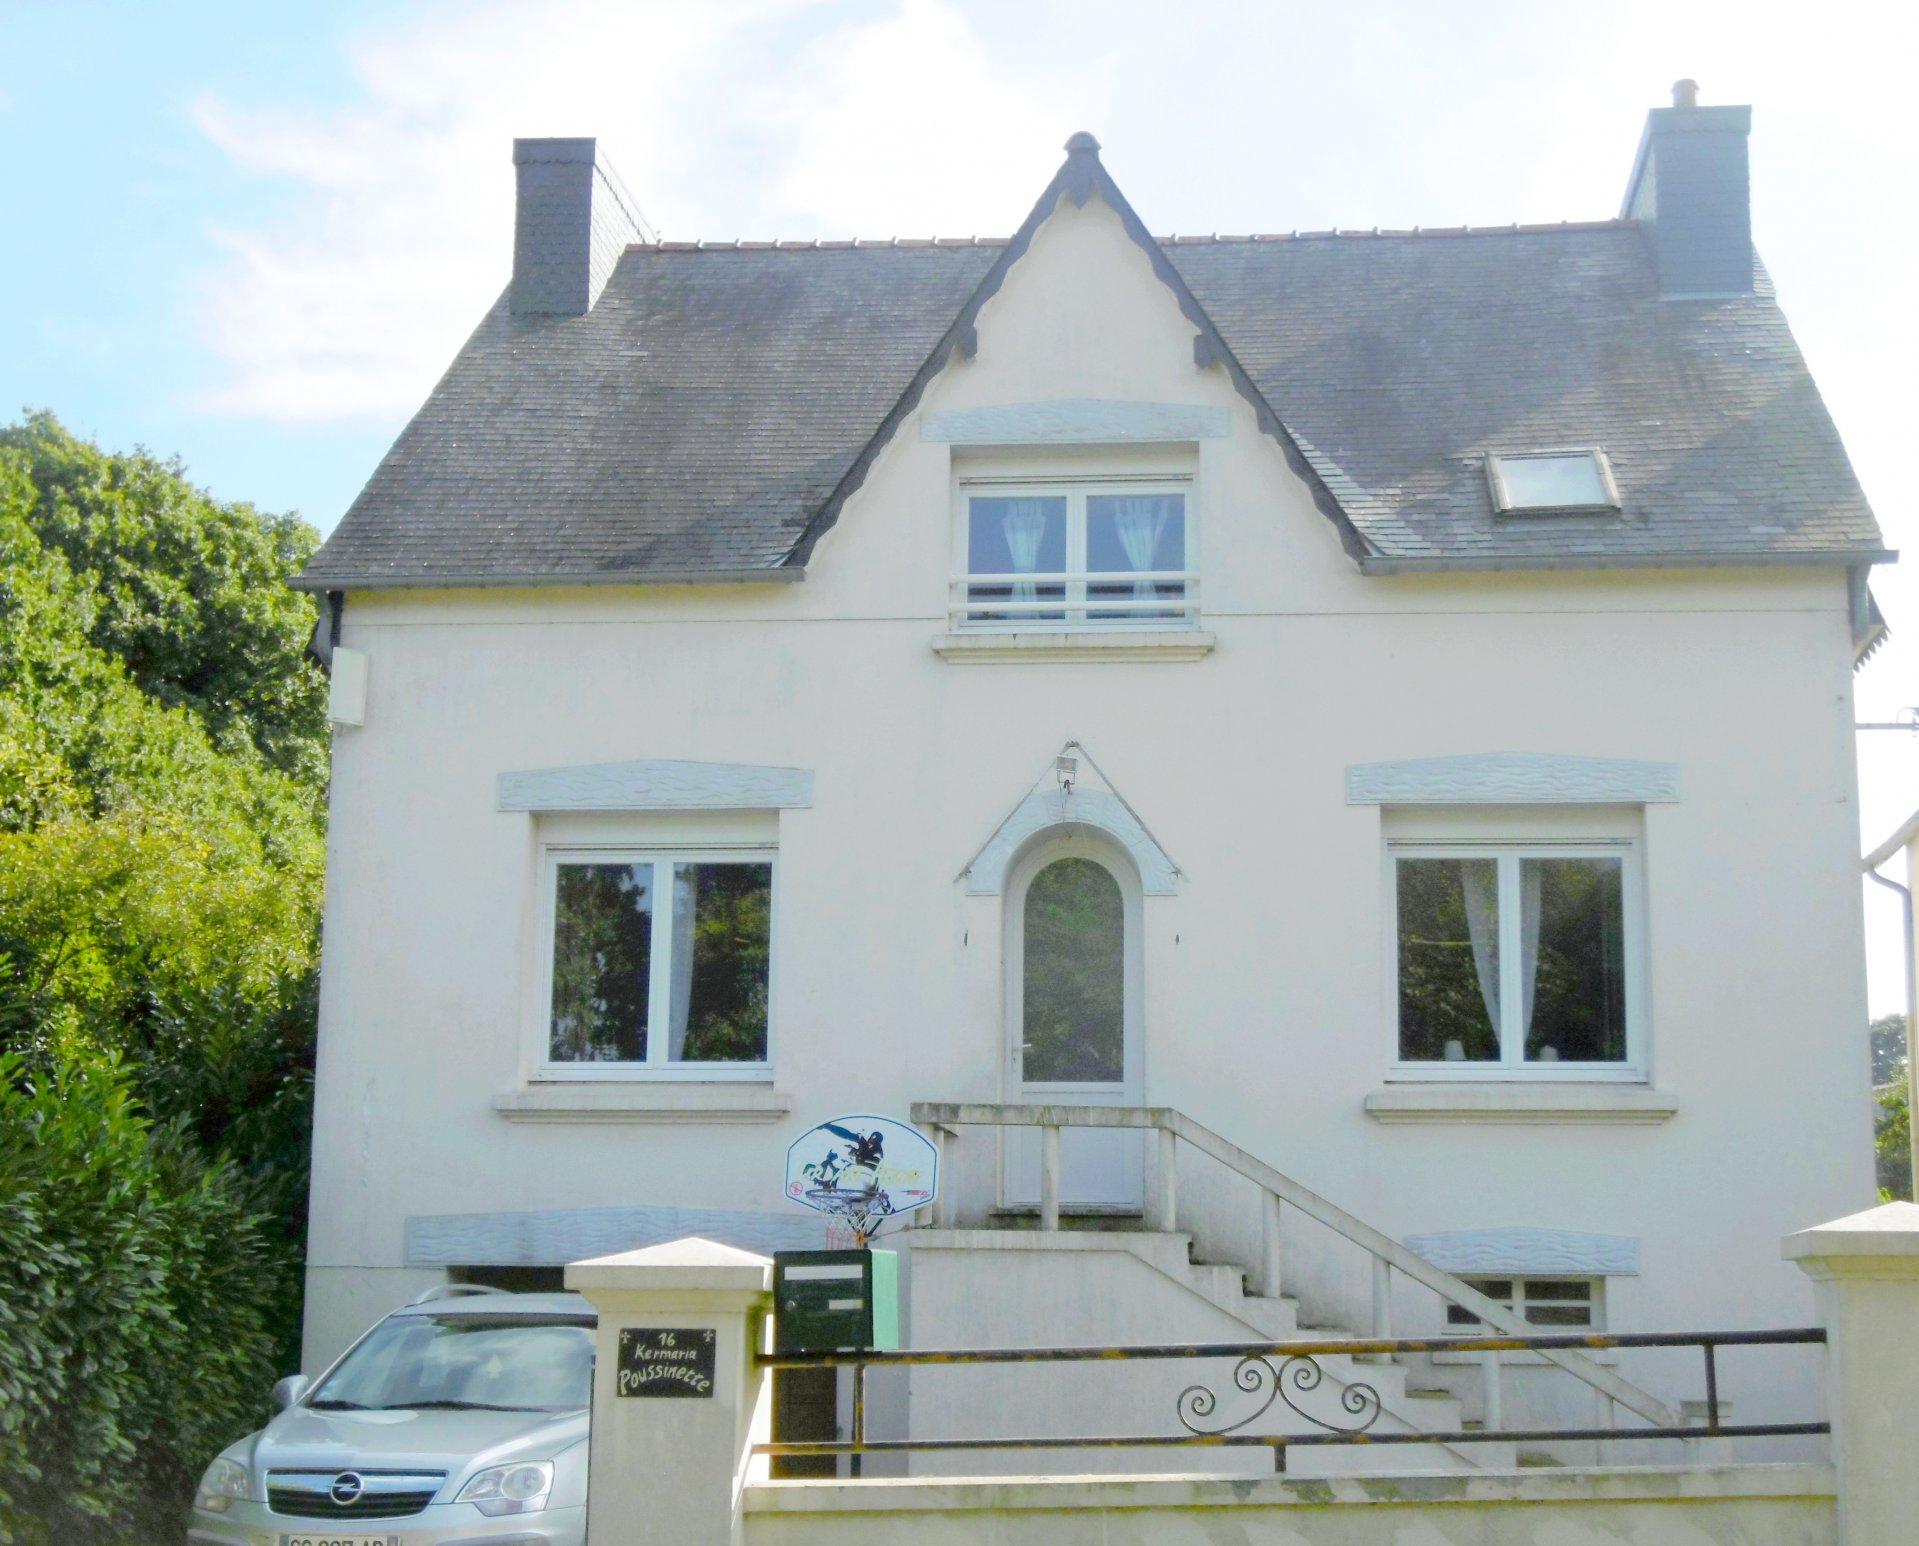 Maison d'habitation rénovée située à l'entrée du bourg